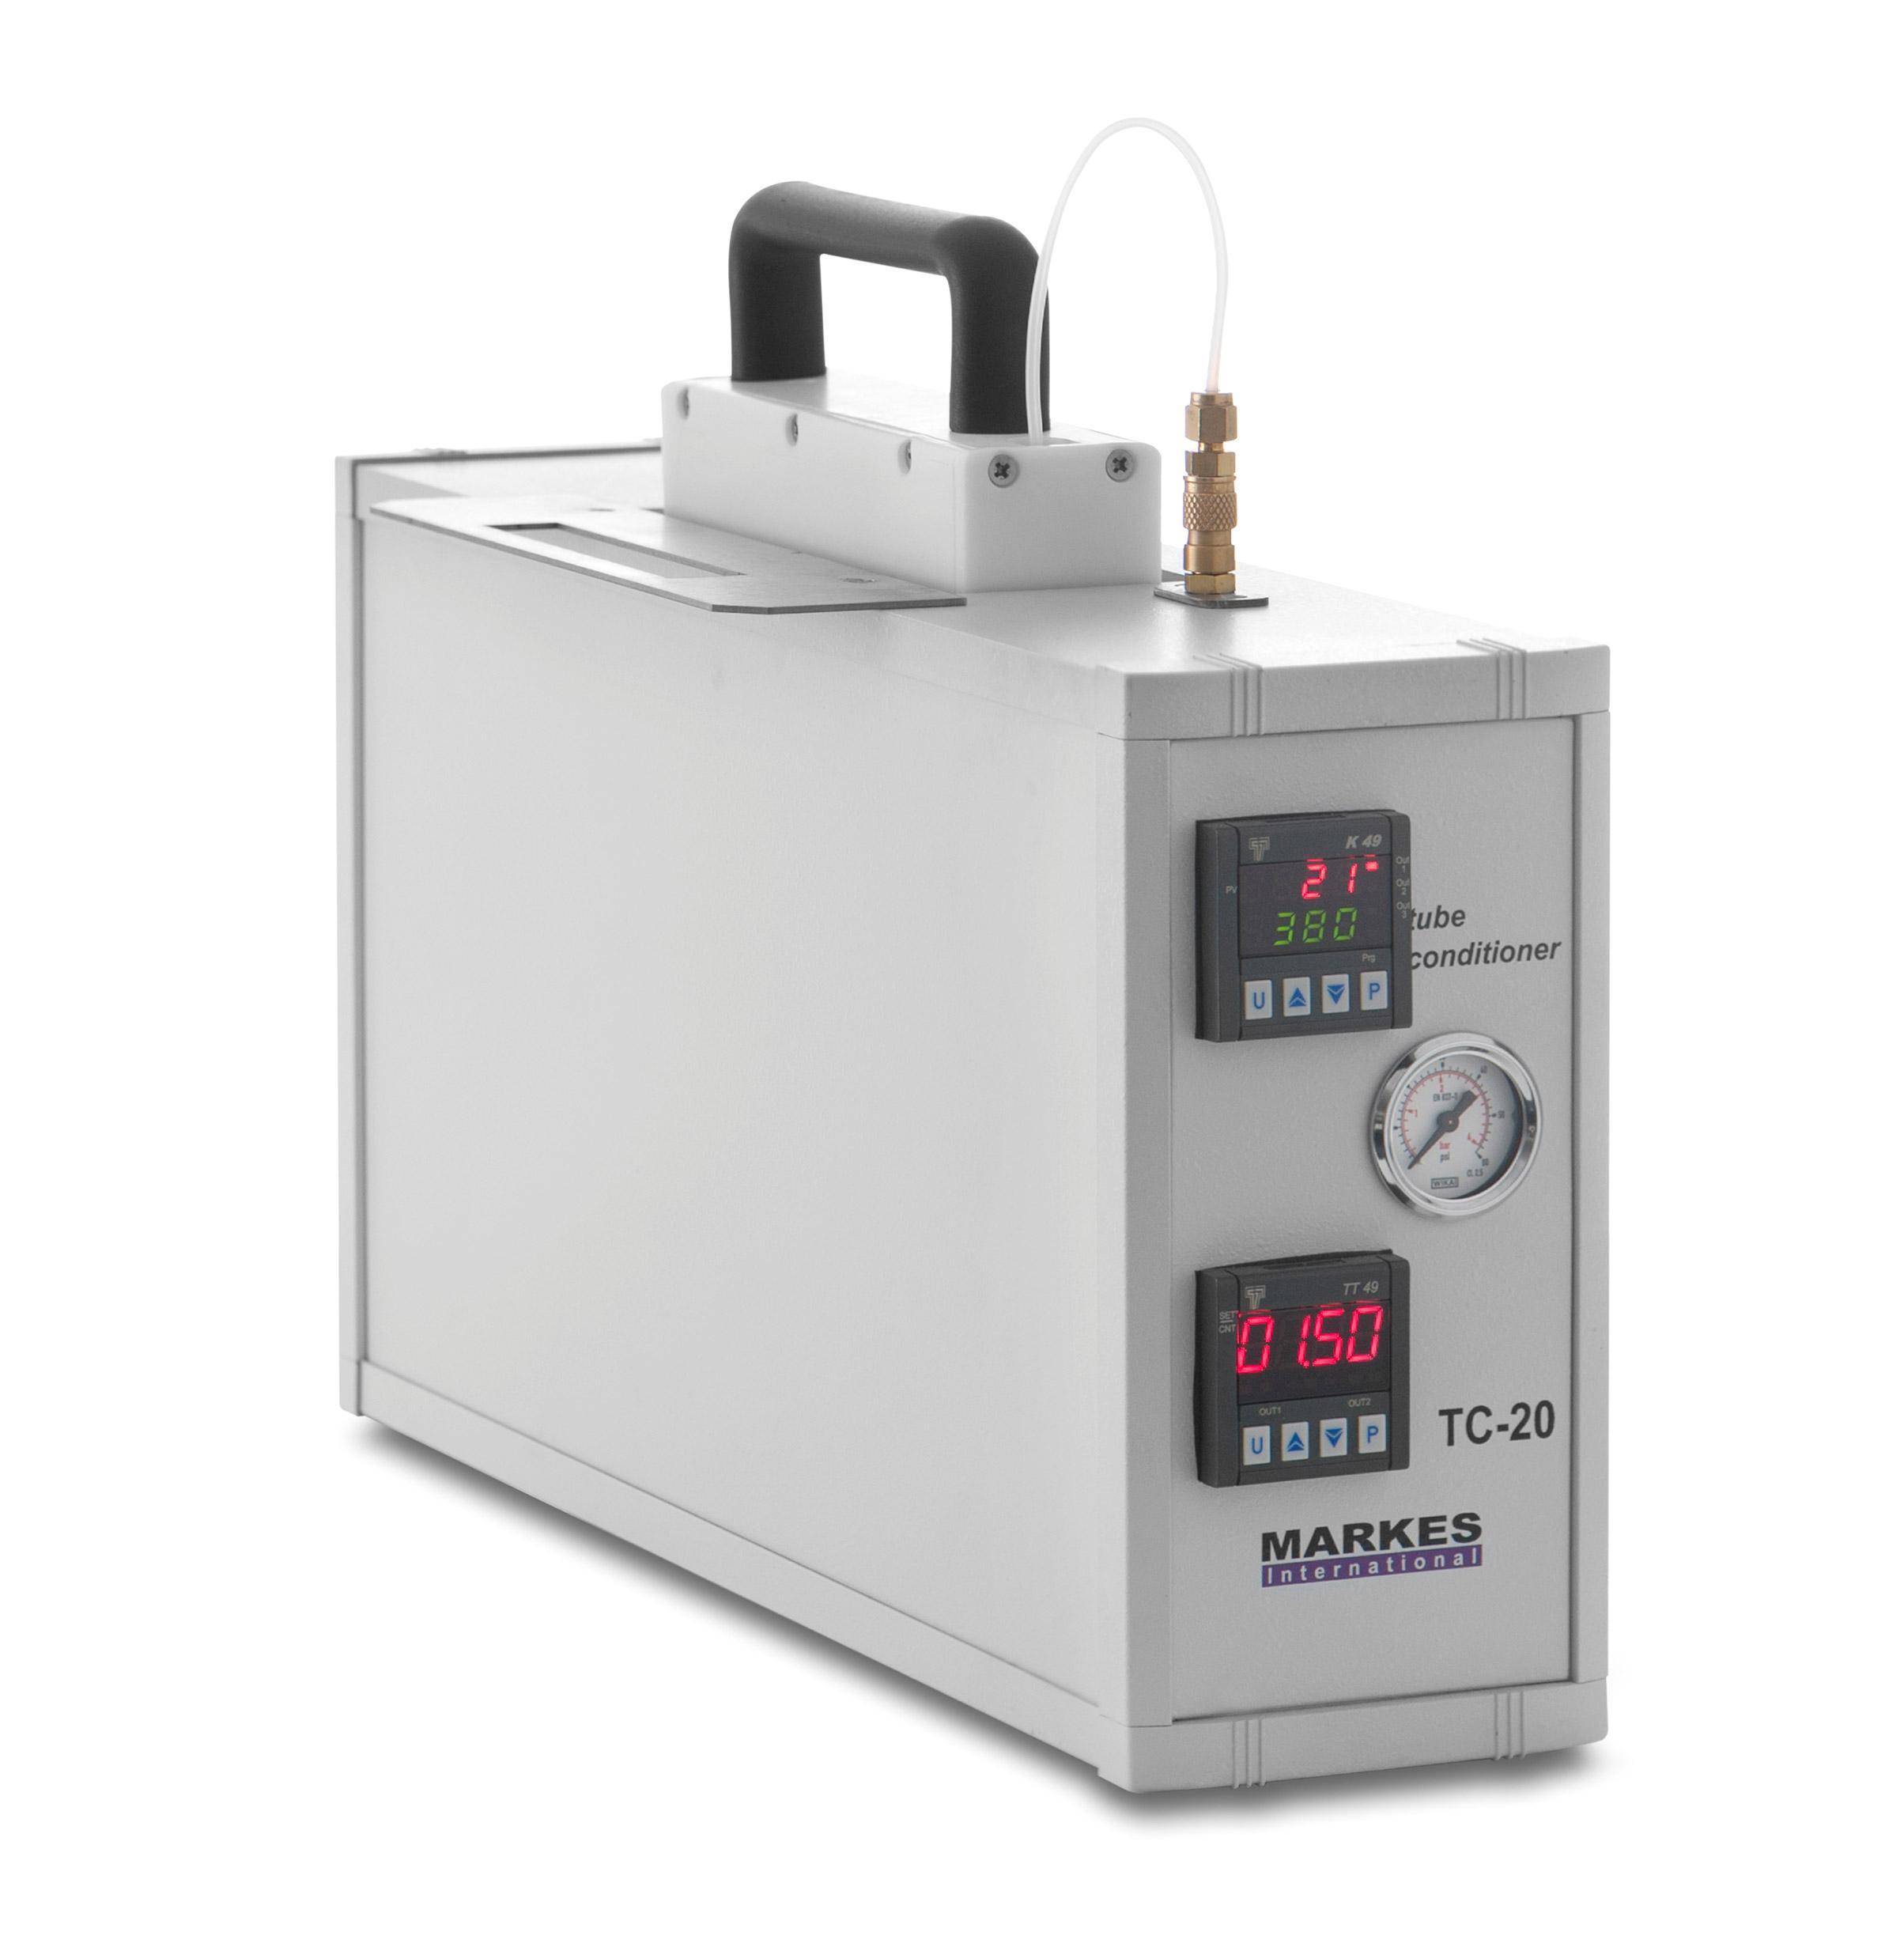 TC-20 & TC-20 TAG - Thiết bị luyện ống hấp phụ